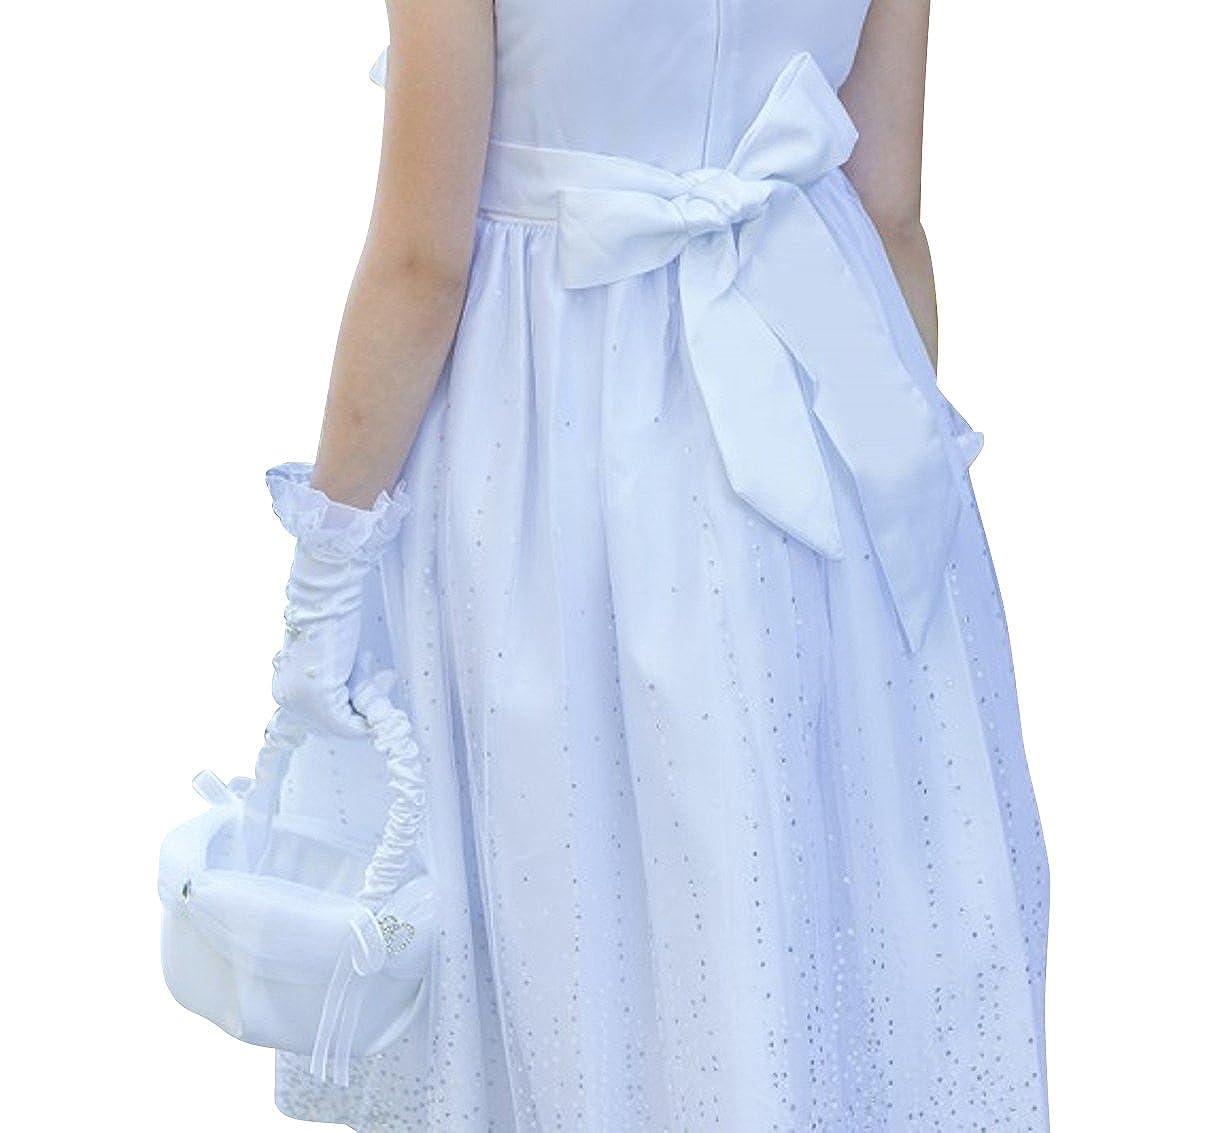 d03c0262cdffd0 Kleider BIMARO Mädchen Kleid Laguna weiß mit Glitzer Tüll Satin Blüte  Festlich Festkleid Hochzeit Blumenmädchen Kommunion